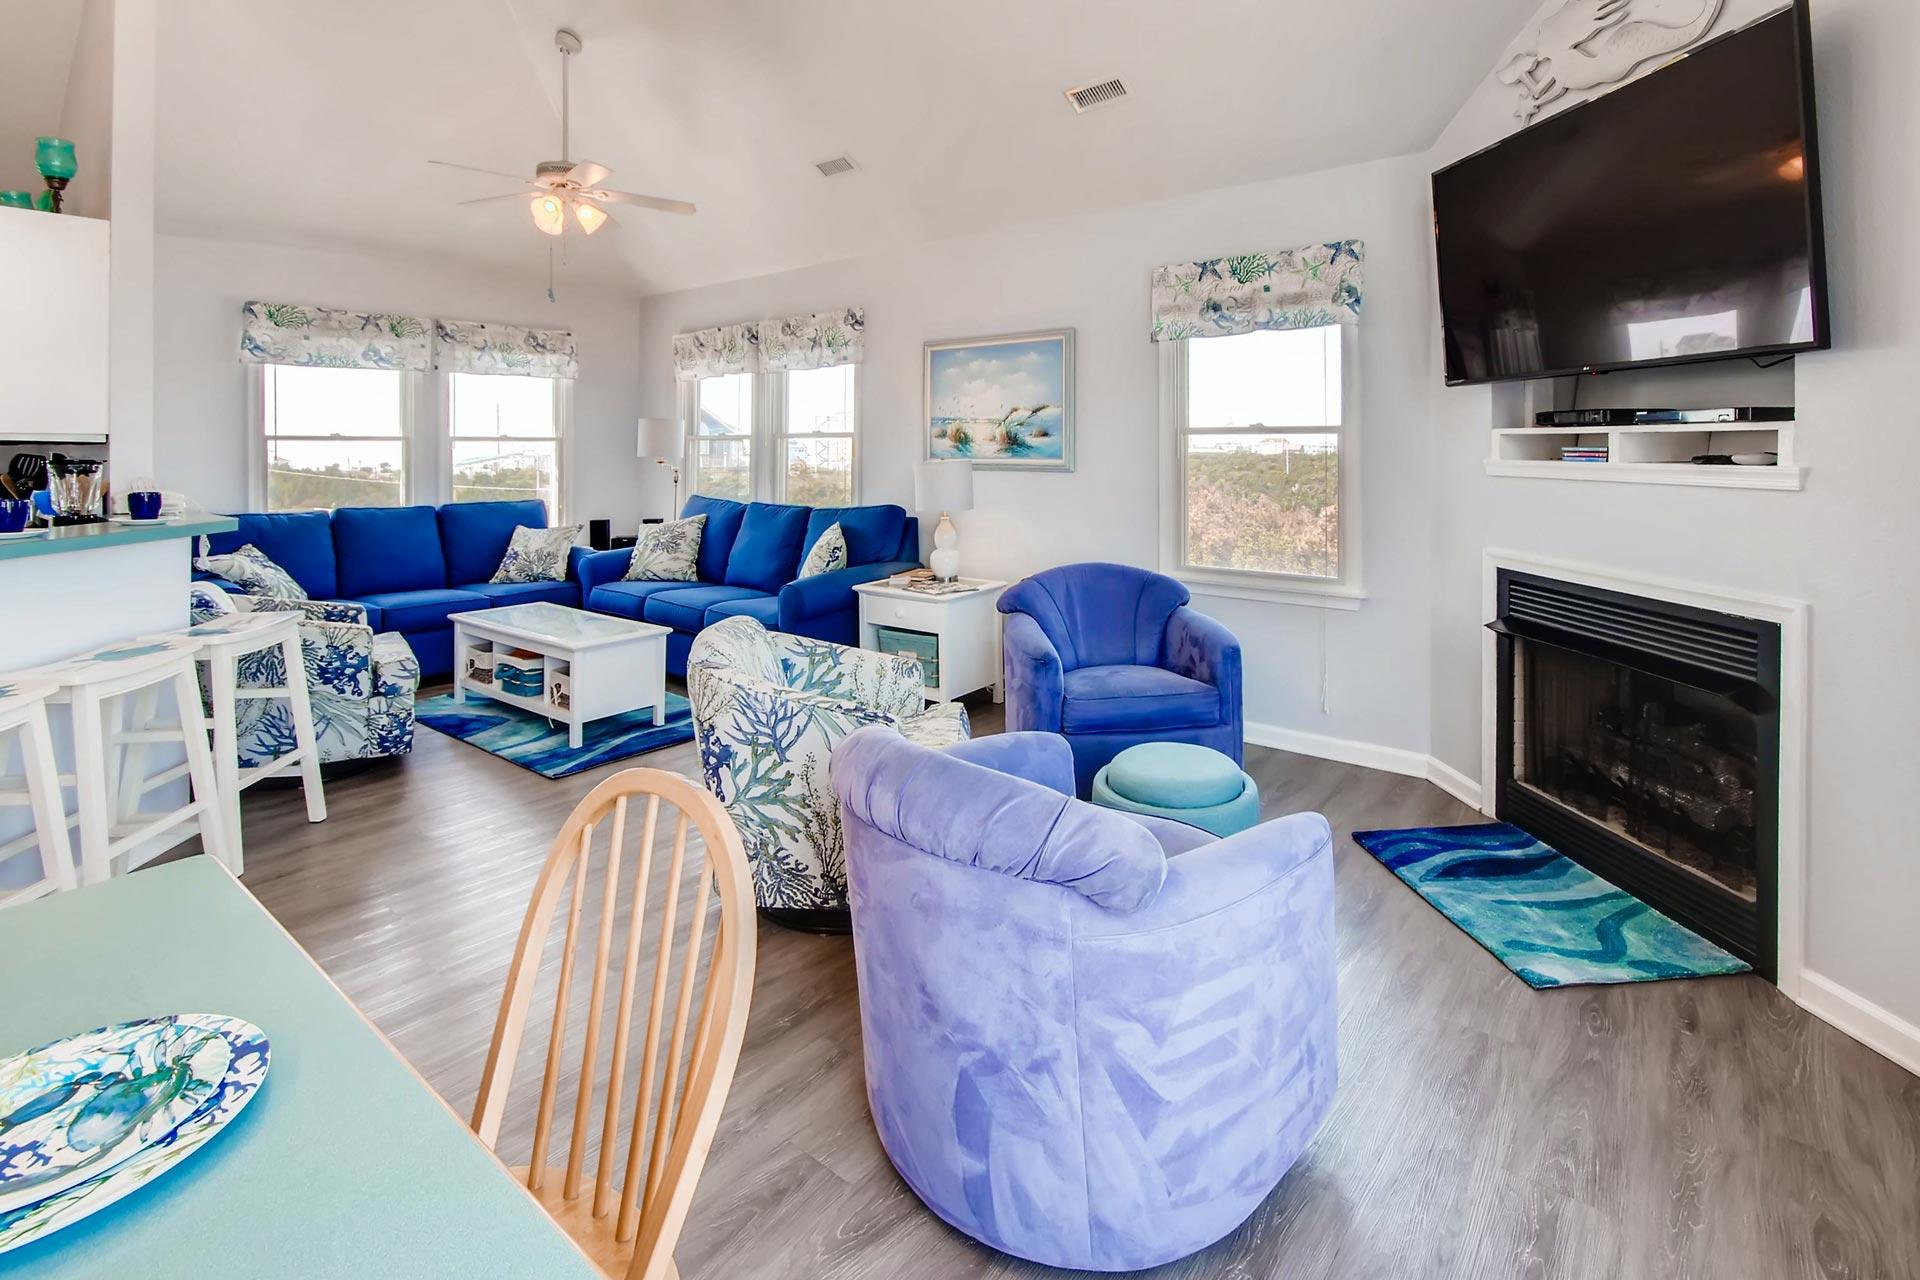 Endless Summer - #262, 7 bedroom Ocean View home in ...